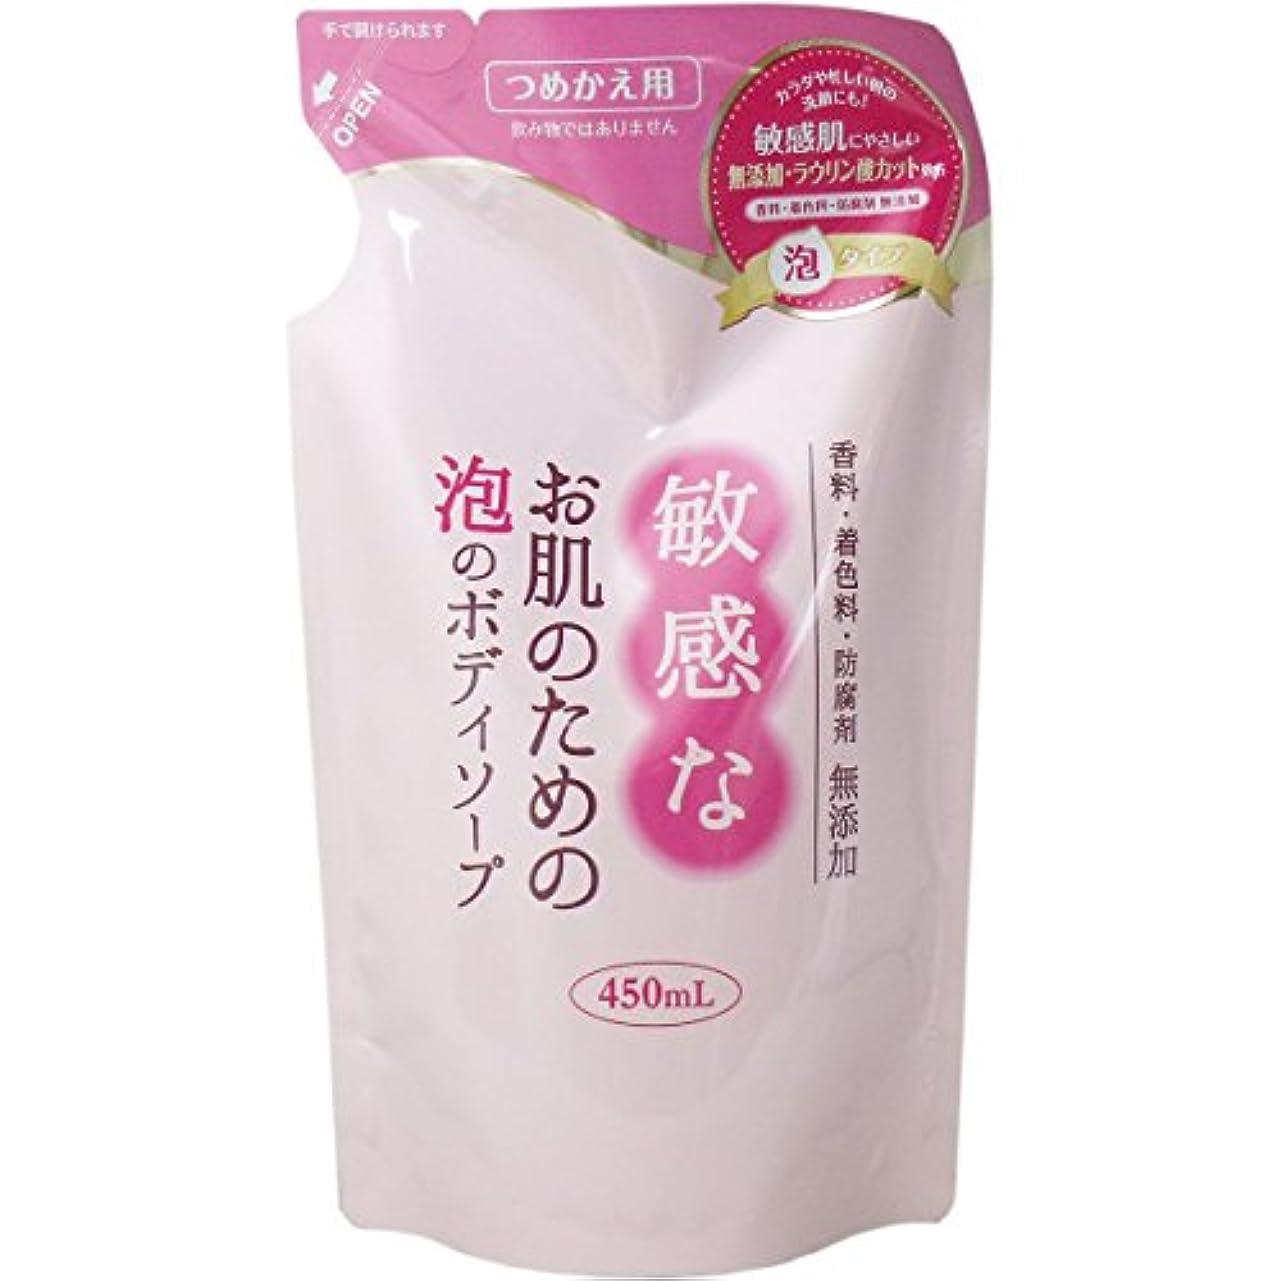 排出アクセサリーブラザー敏感なお肌のための泡のボディソープ 詰替 450mL CBH-FBR